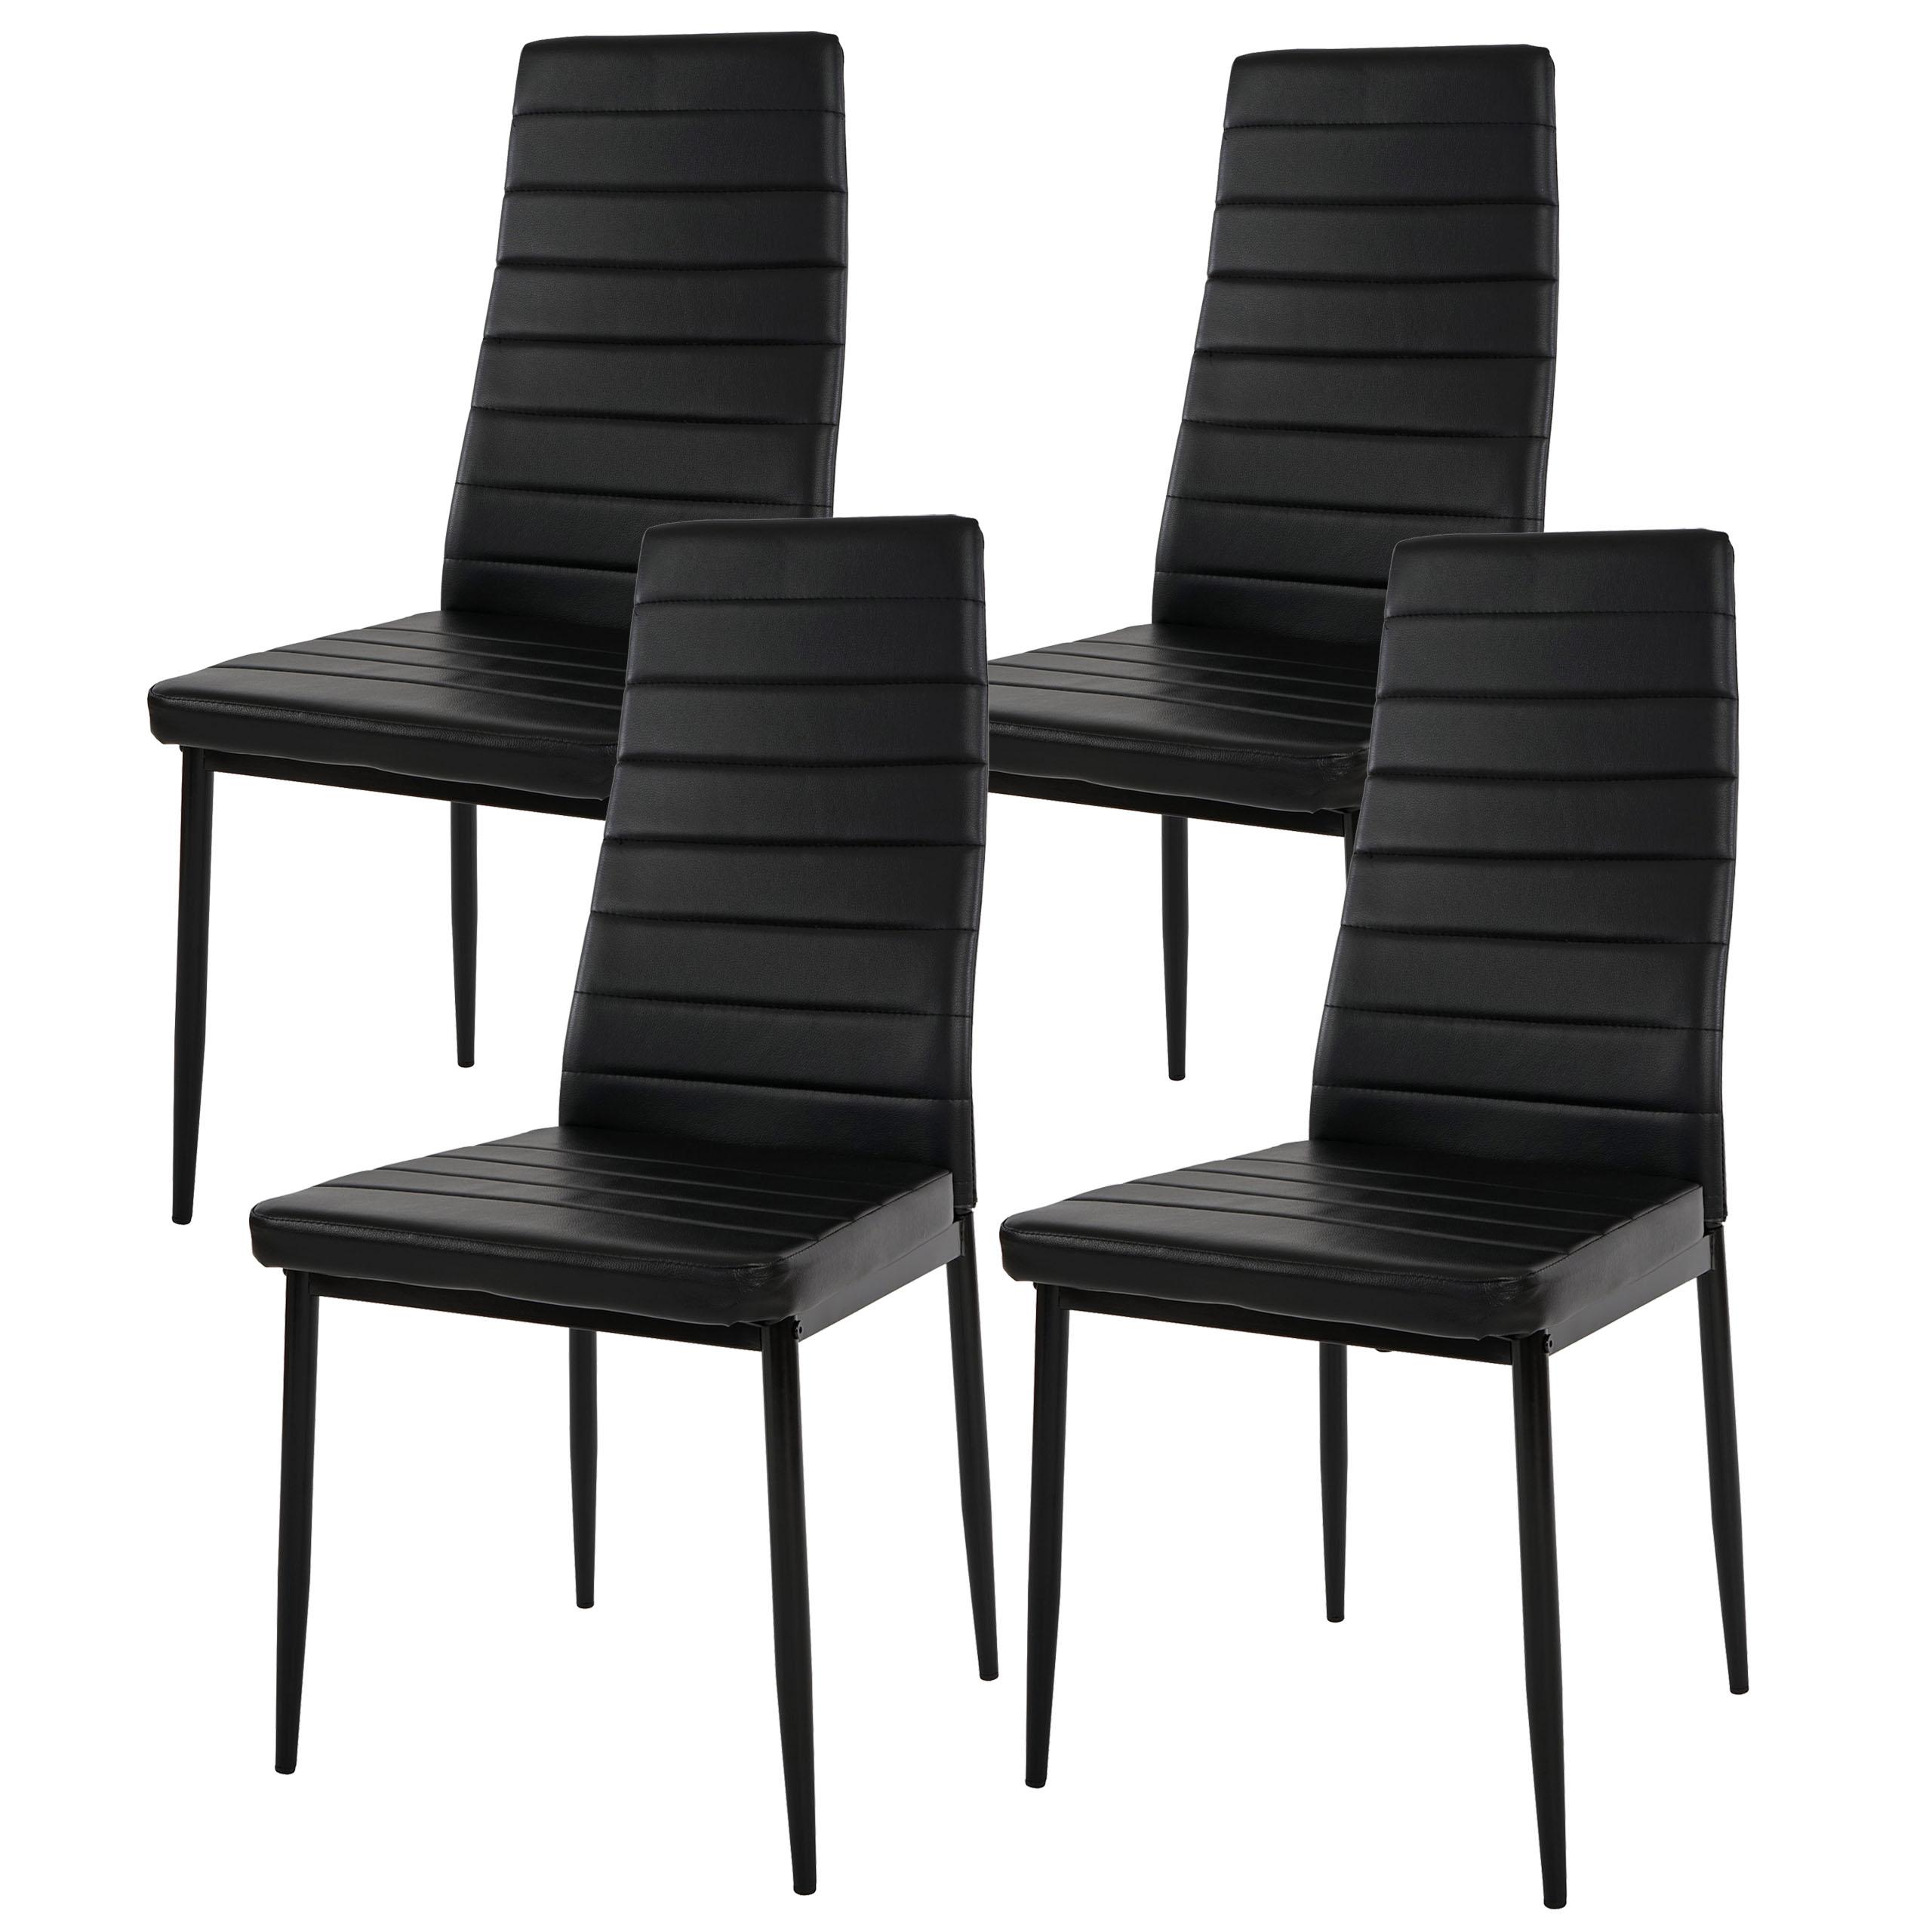 4x esszimmerstuhl lixa stuhl lehnstuhl kunstleder schwarz for Esszimmerstuhl schwarz